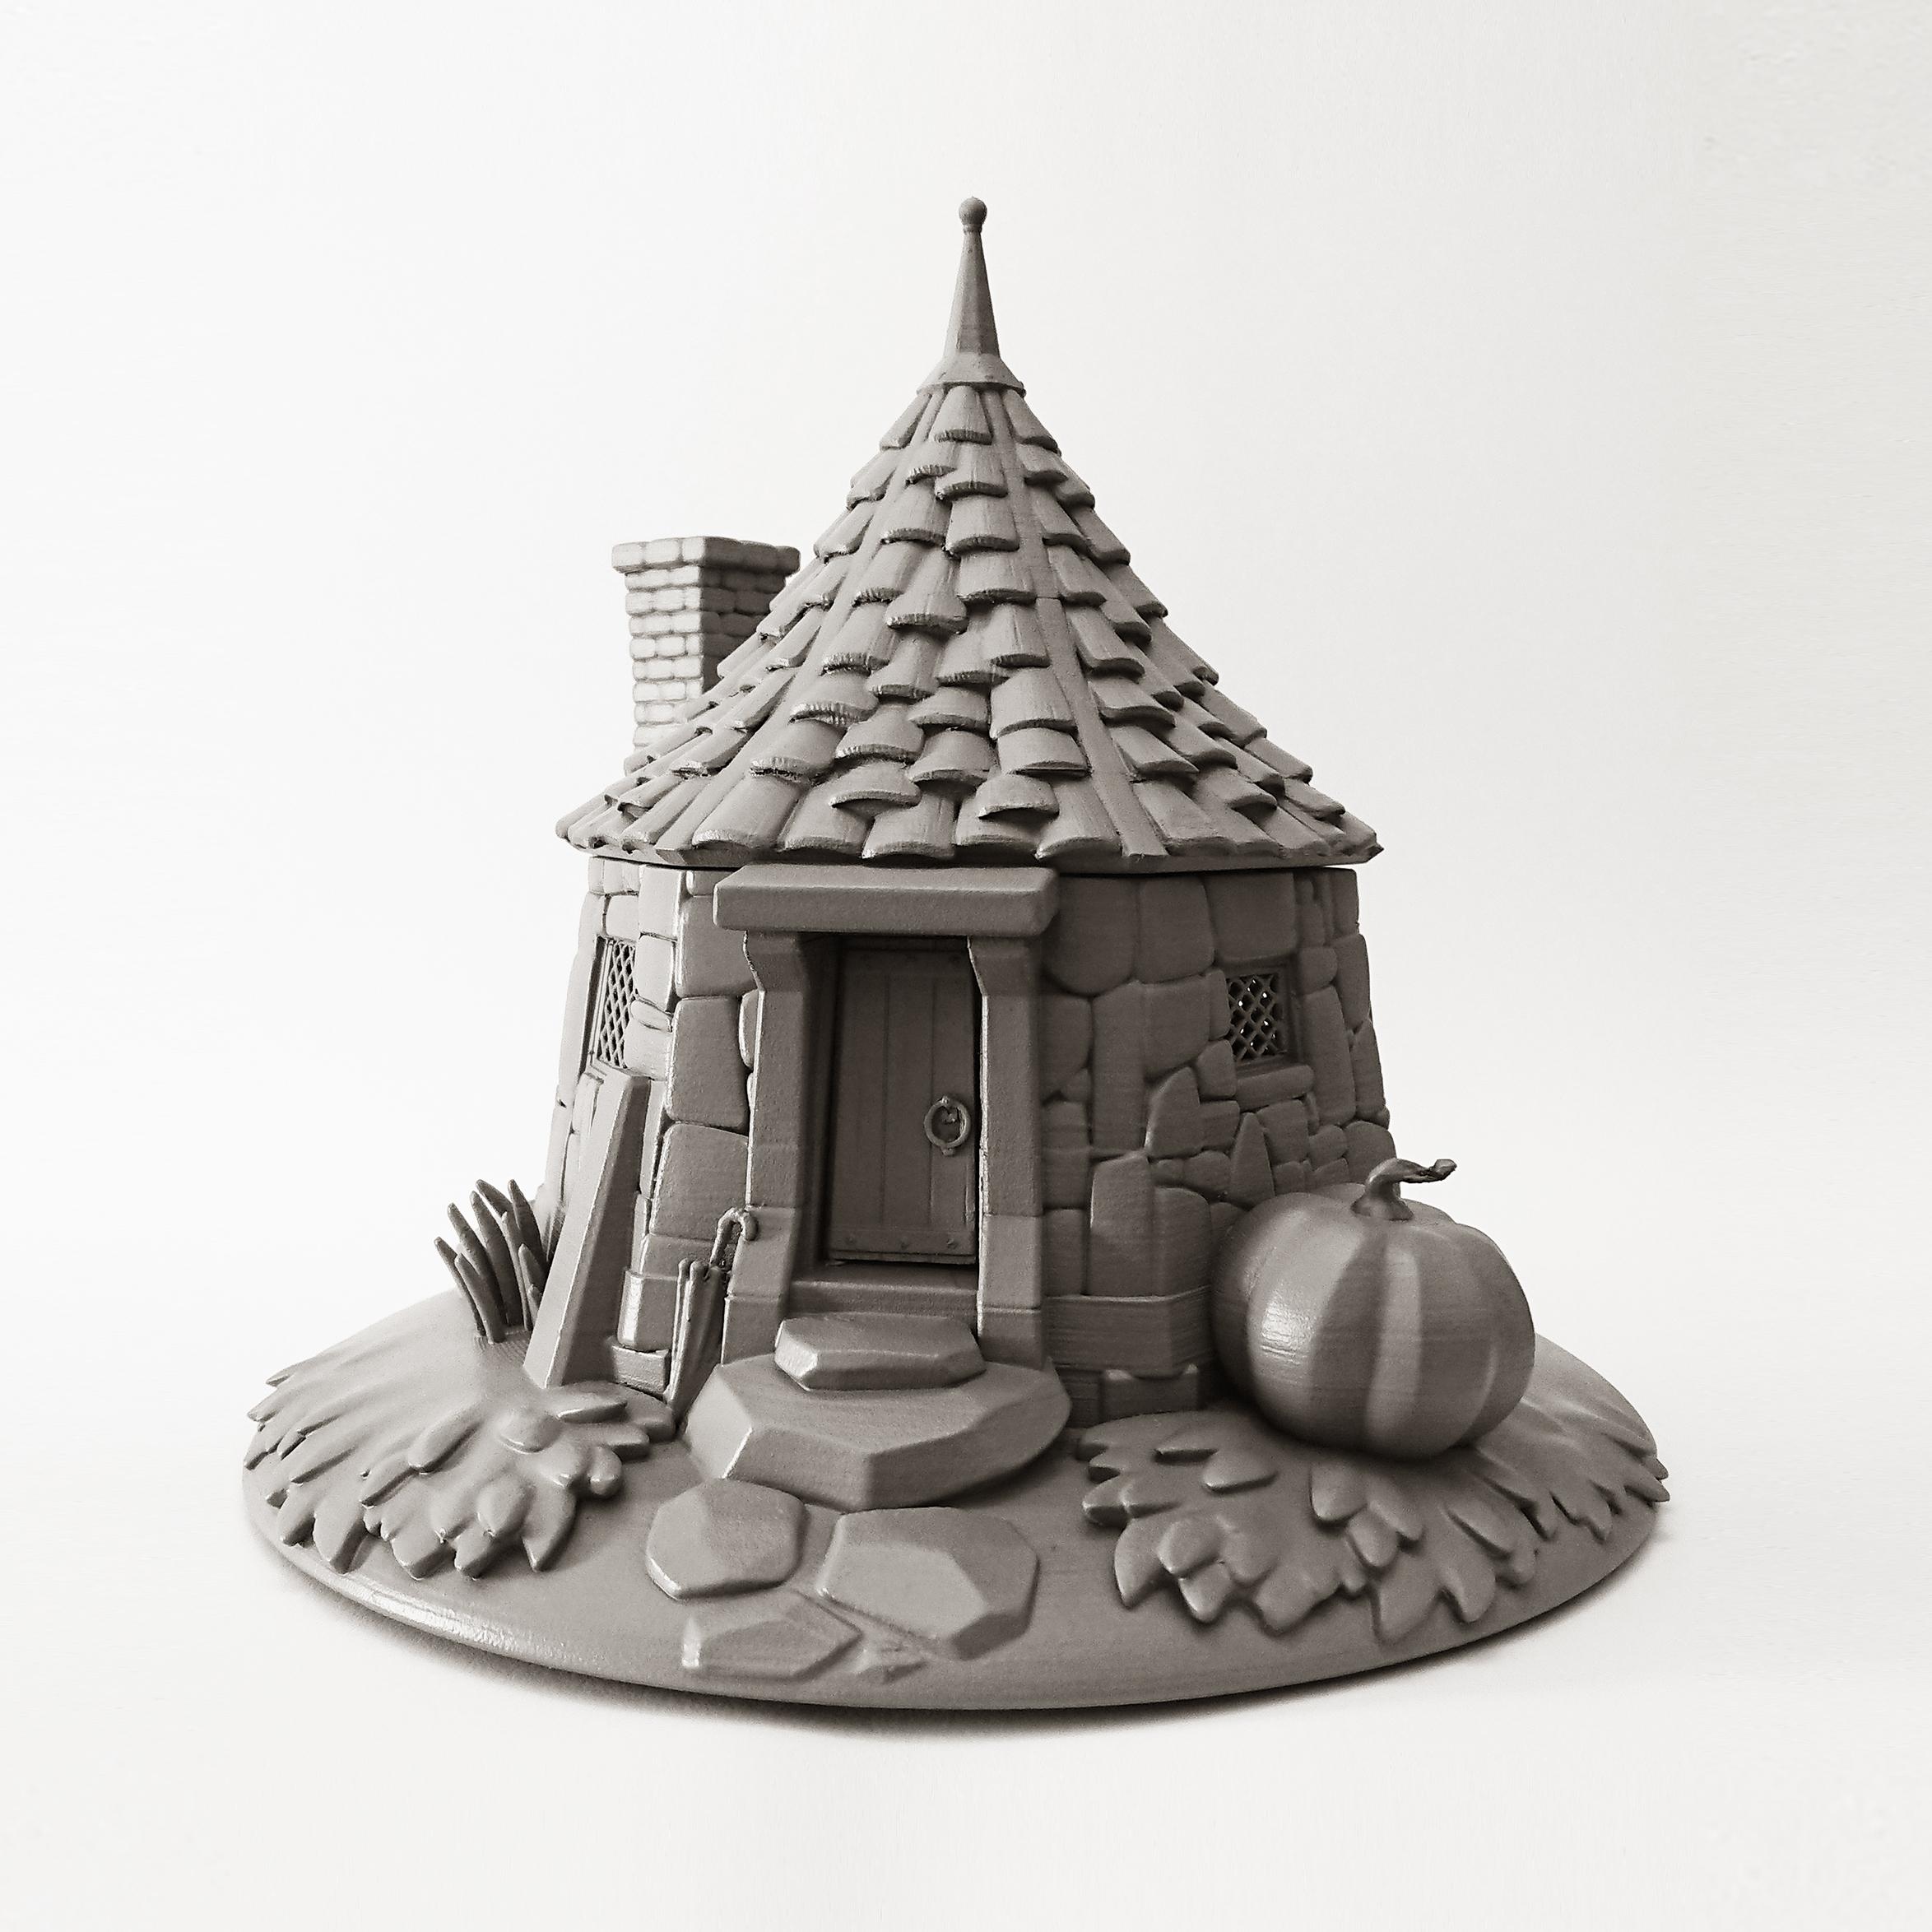 3D PRINT - HAGRID's HUT